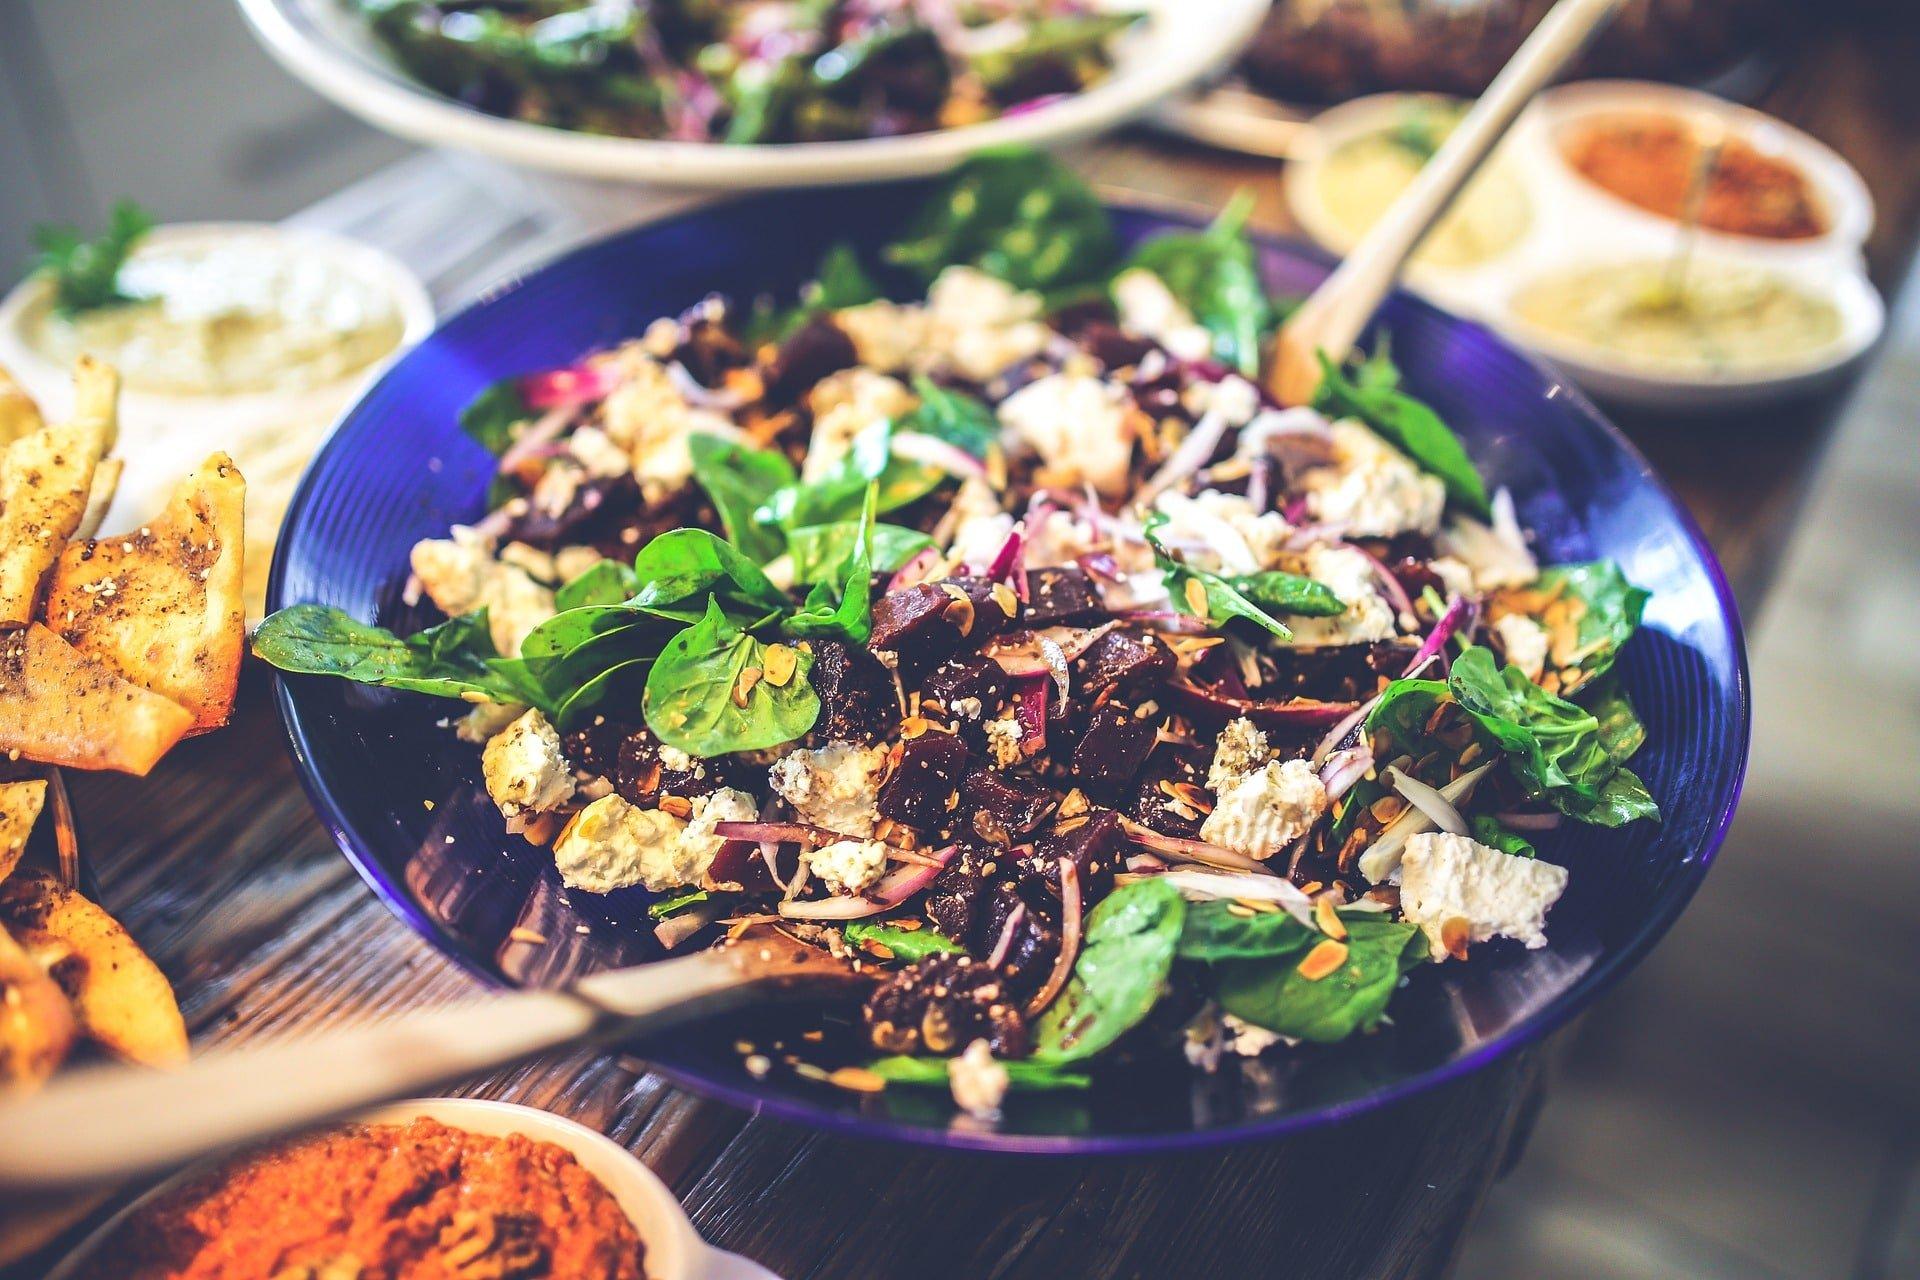 Grüner Salat mit Randen, Feta und gehobelten Mandeln